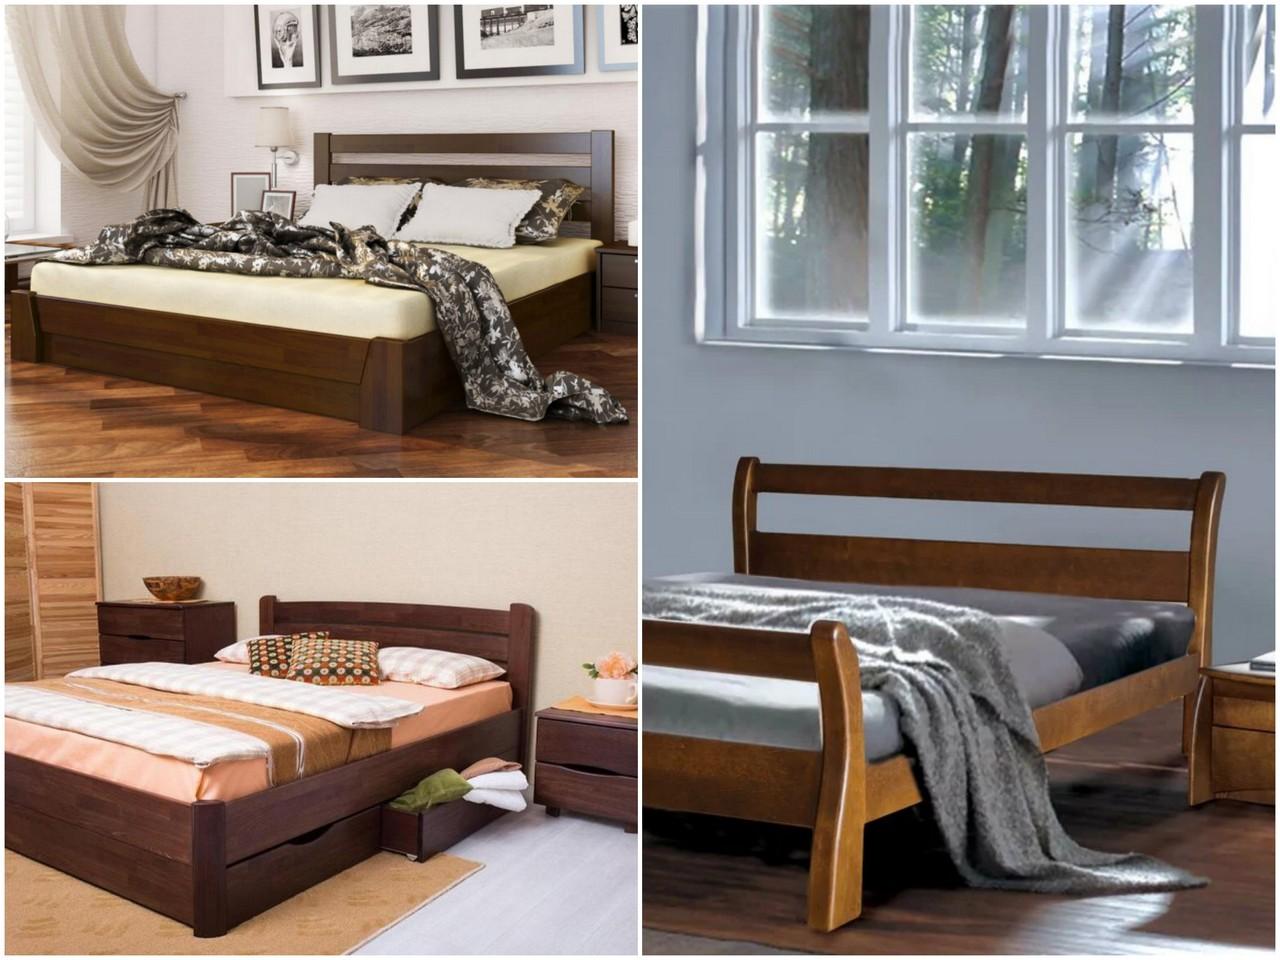 Как правильно эксплуатировать деревянные кровати